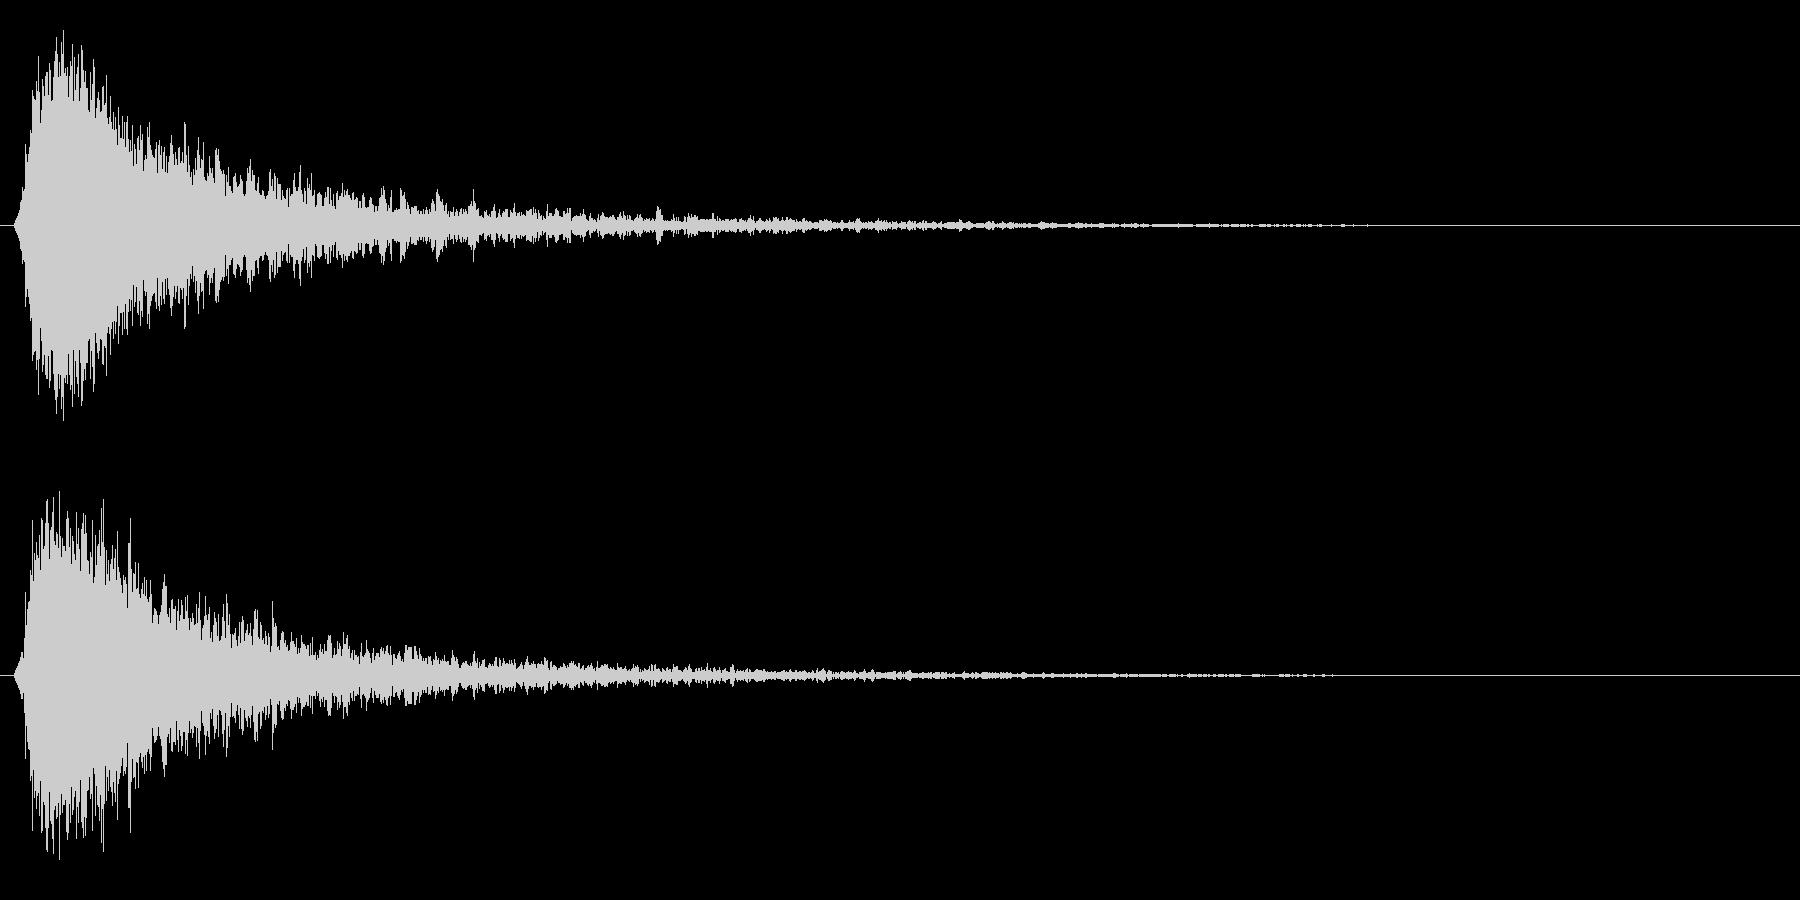 シャキーン!強烈なインパクト効果音3BVの未再生の波形